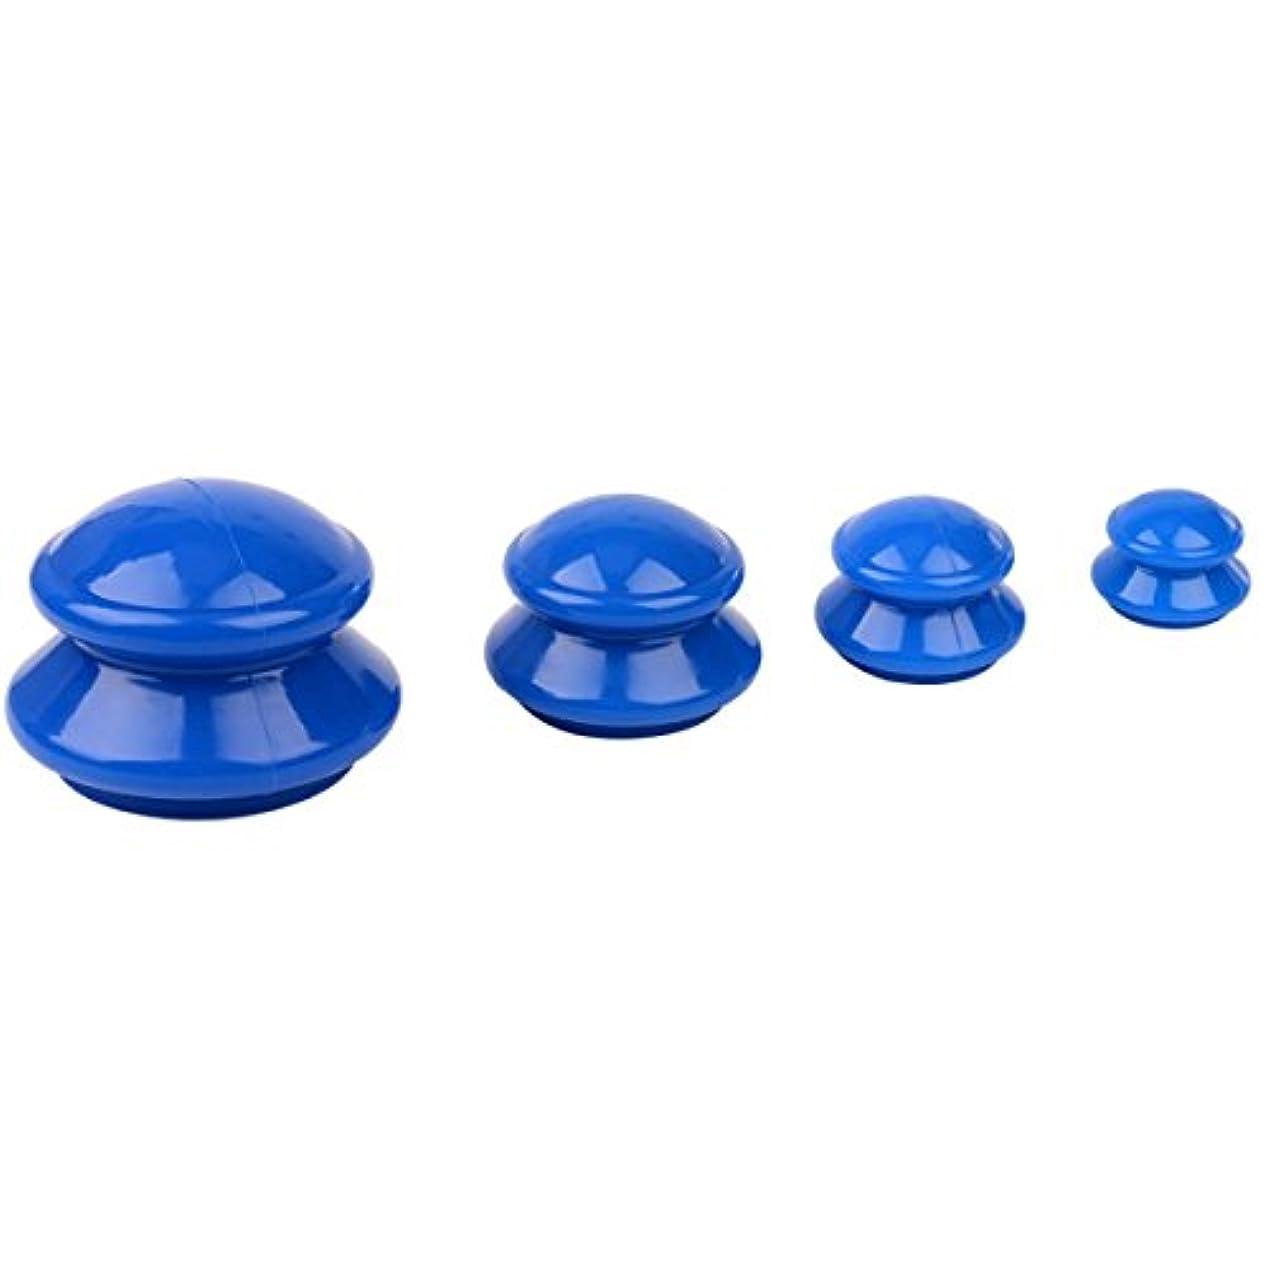 CkeyiN シリコンカッピング 4個セット 水洗い可能 体マッサージ 吸い玉 (ブルー)